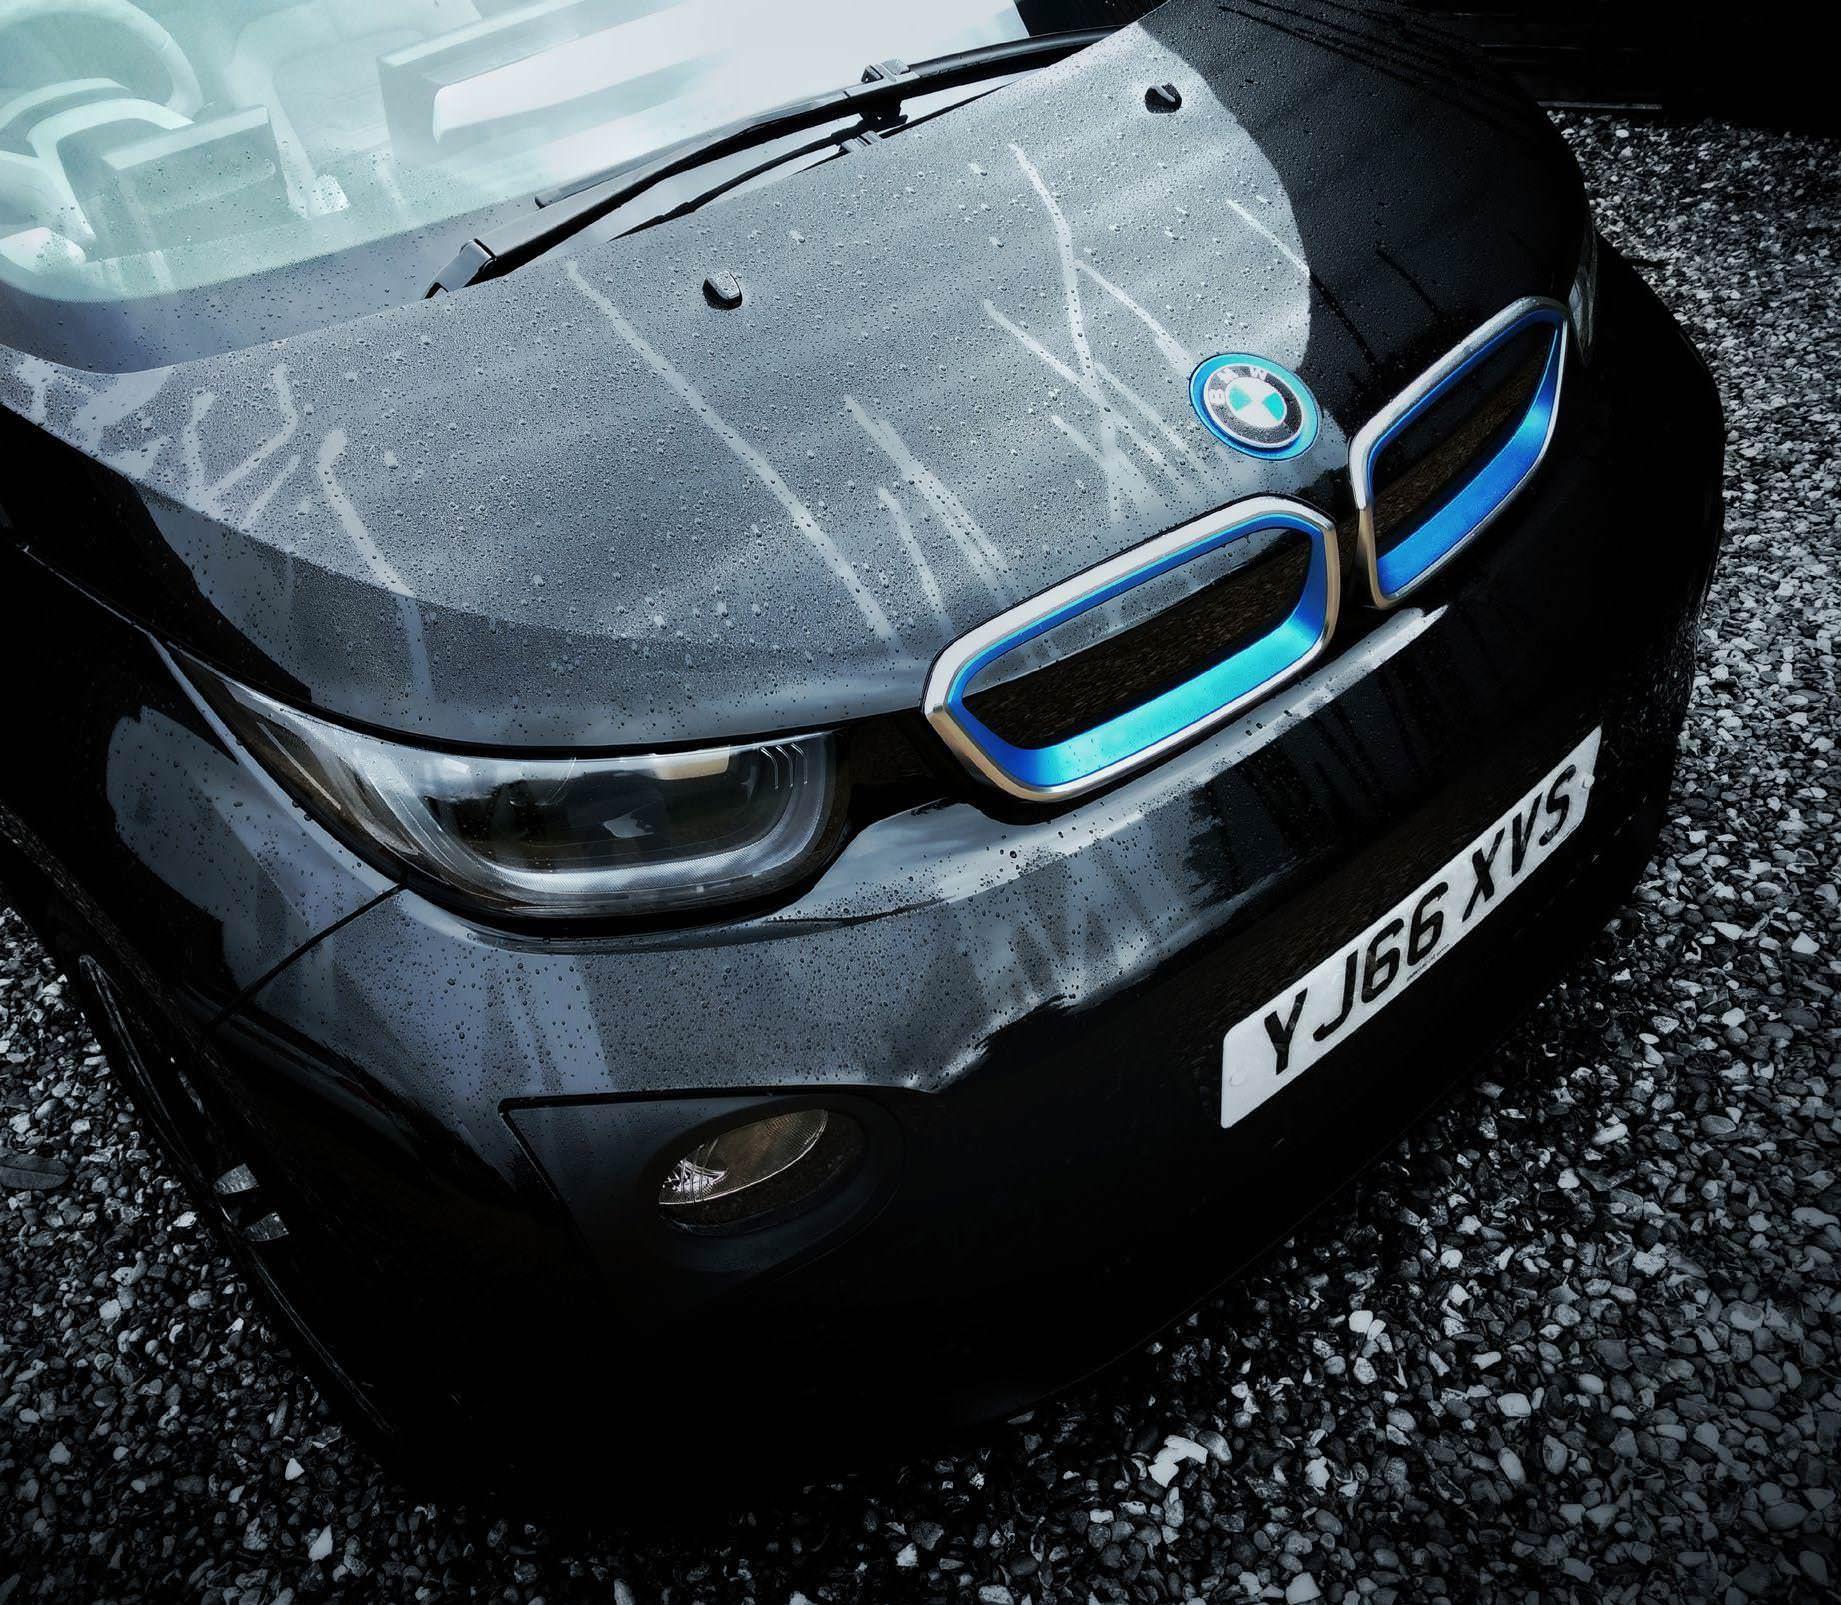 BMW I3 94Ah Electric Car